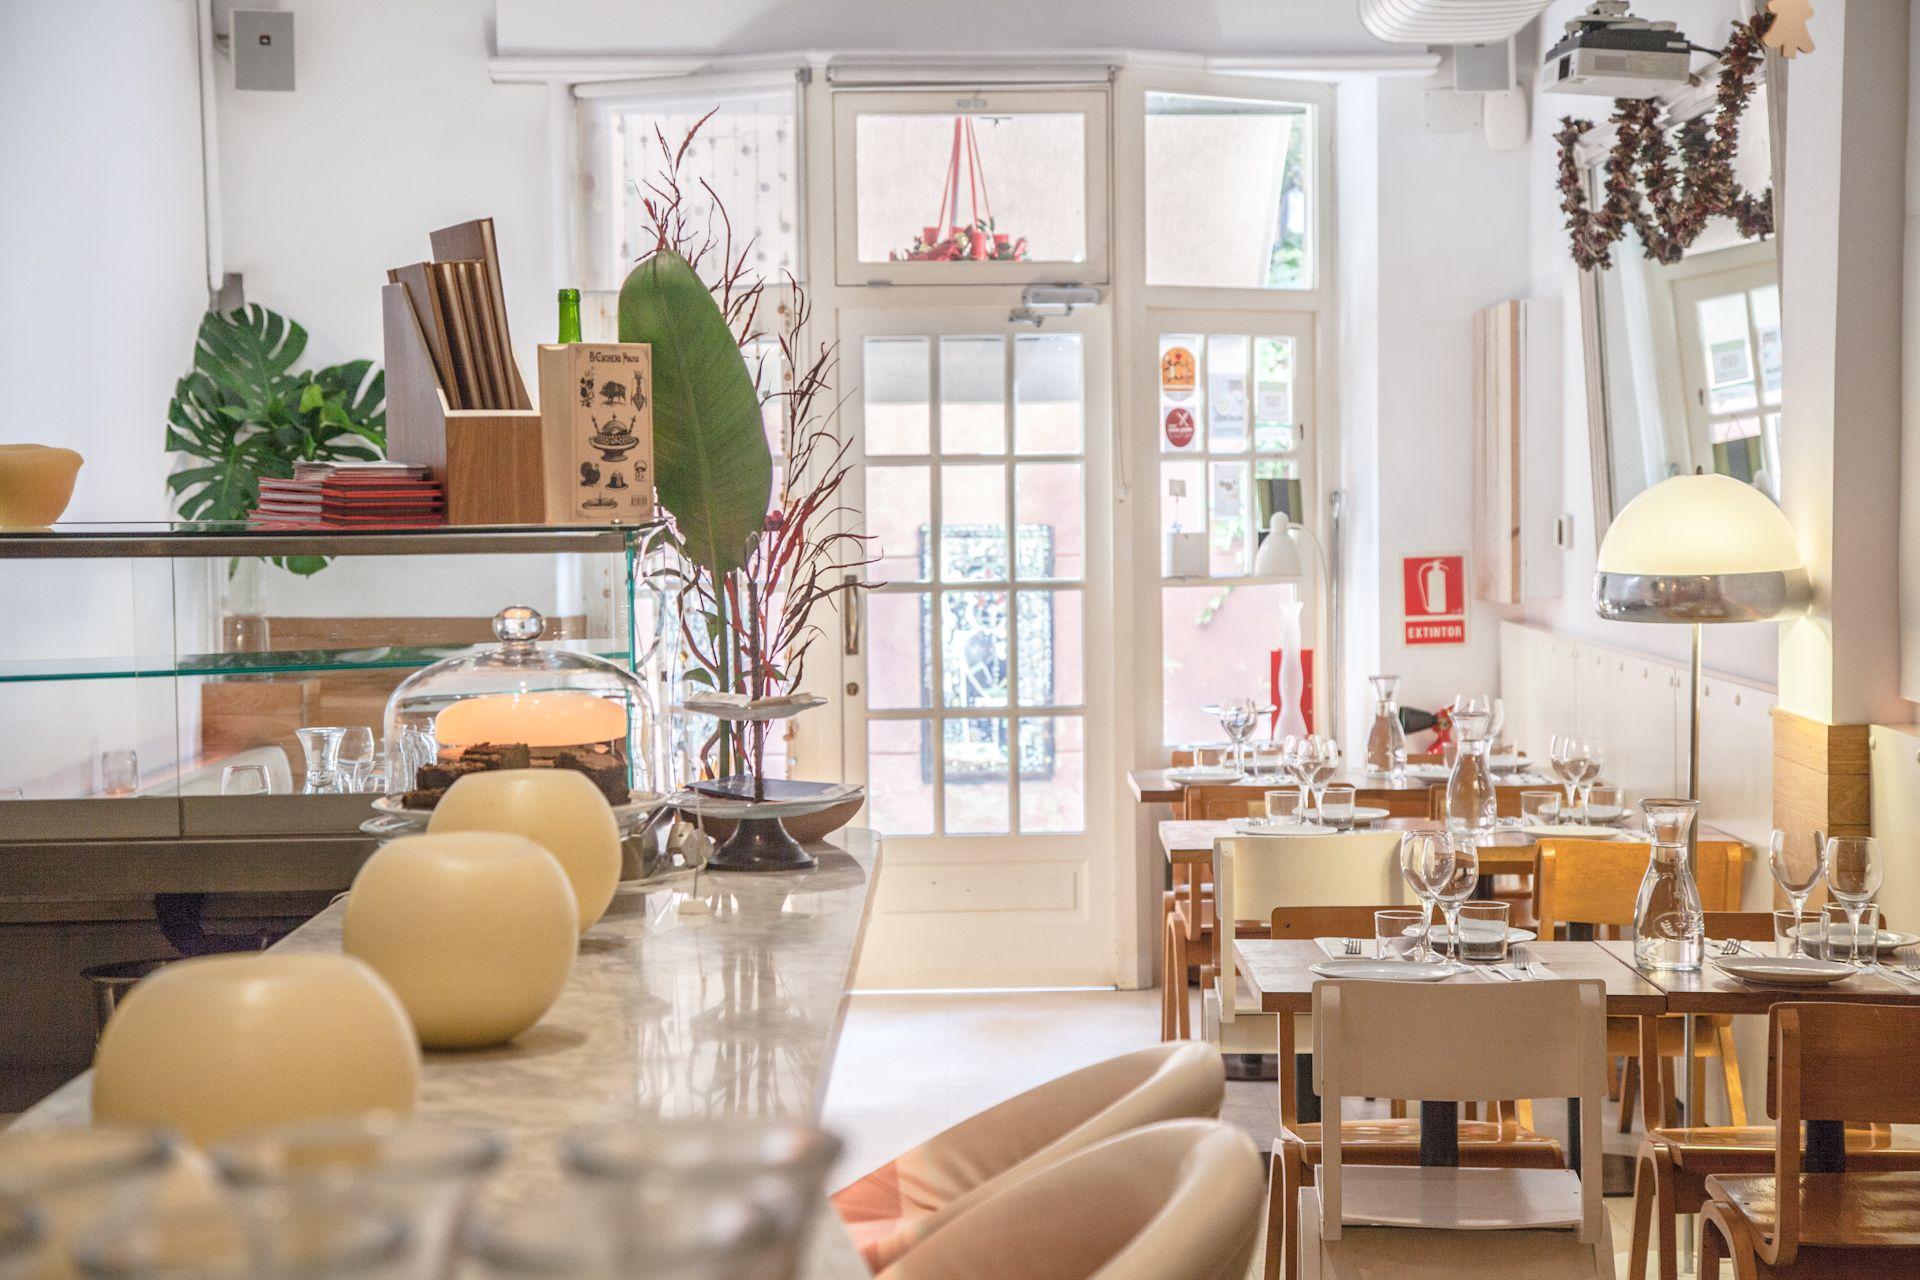 Benvingut Al Gut Barcelona Carrer Perill 13 Restaurantes Restaurante Vegetariano Cocina Mediterranea